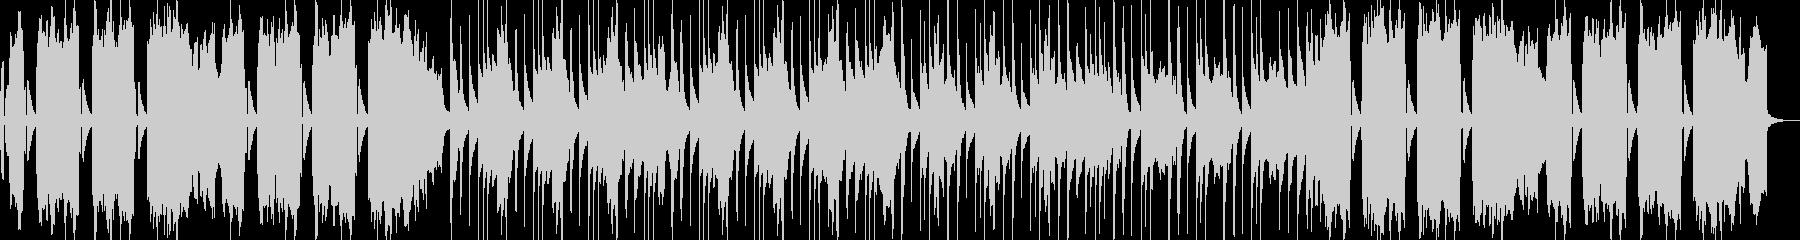 アコーディオンの怪しげな曲の未再生の波形